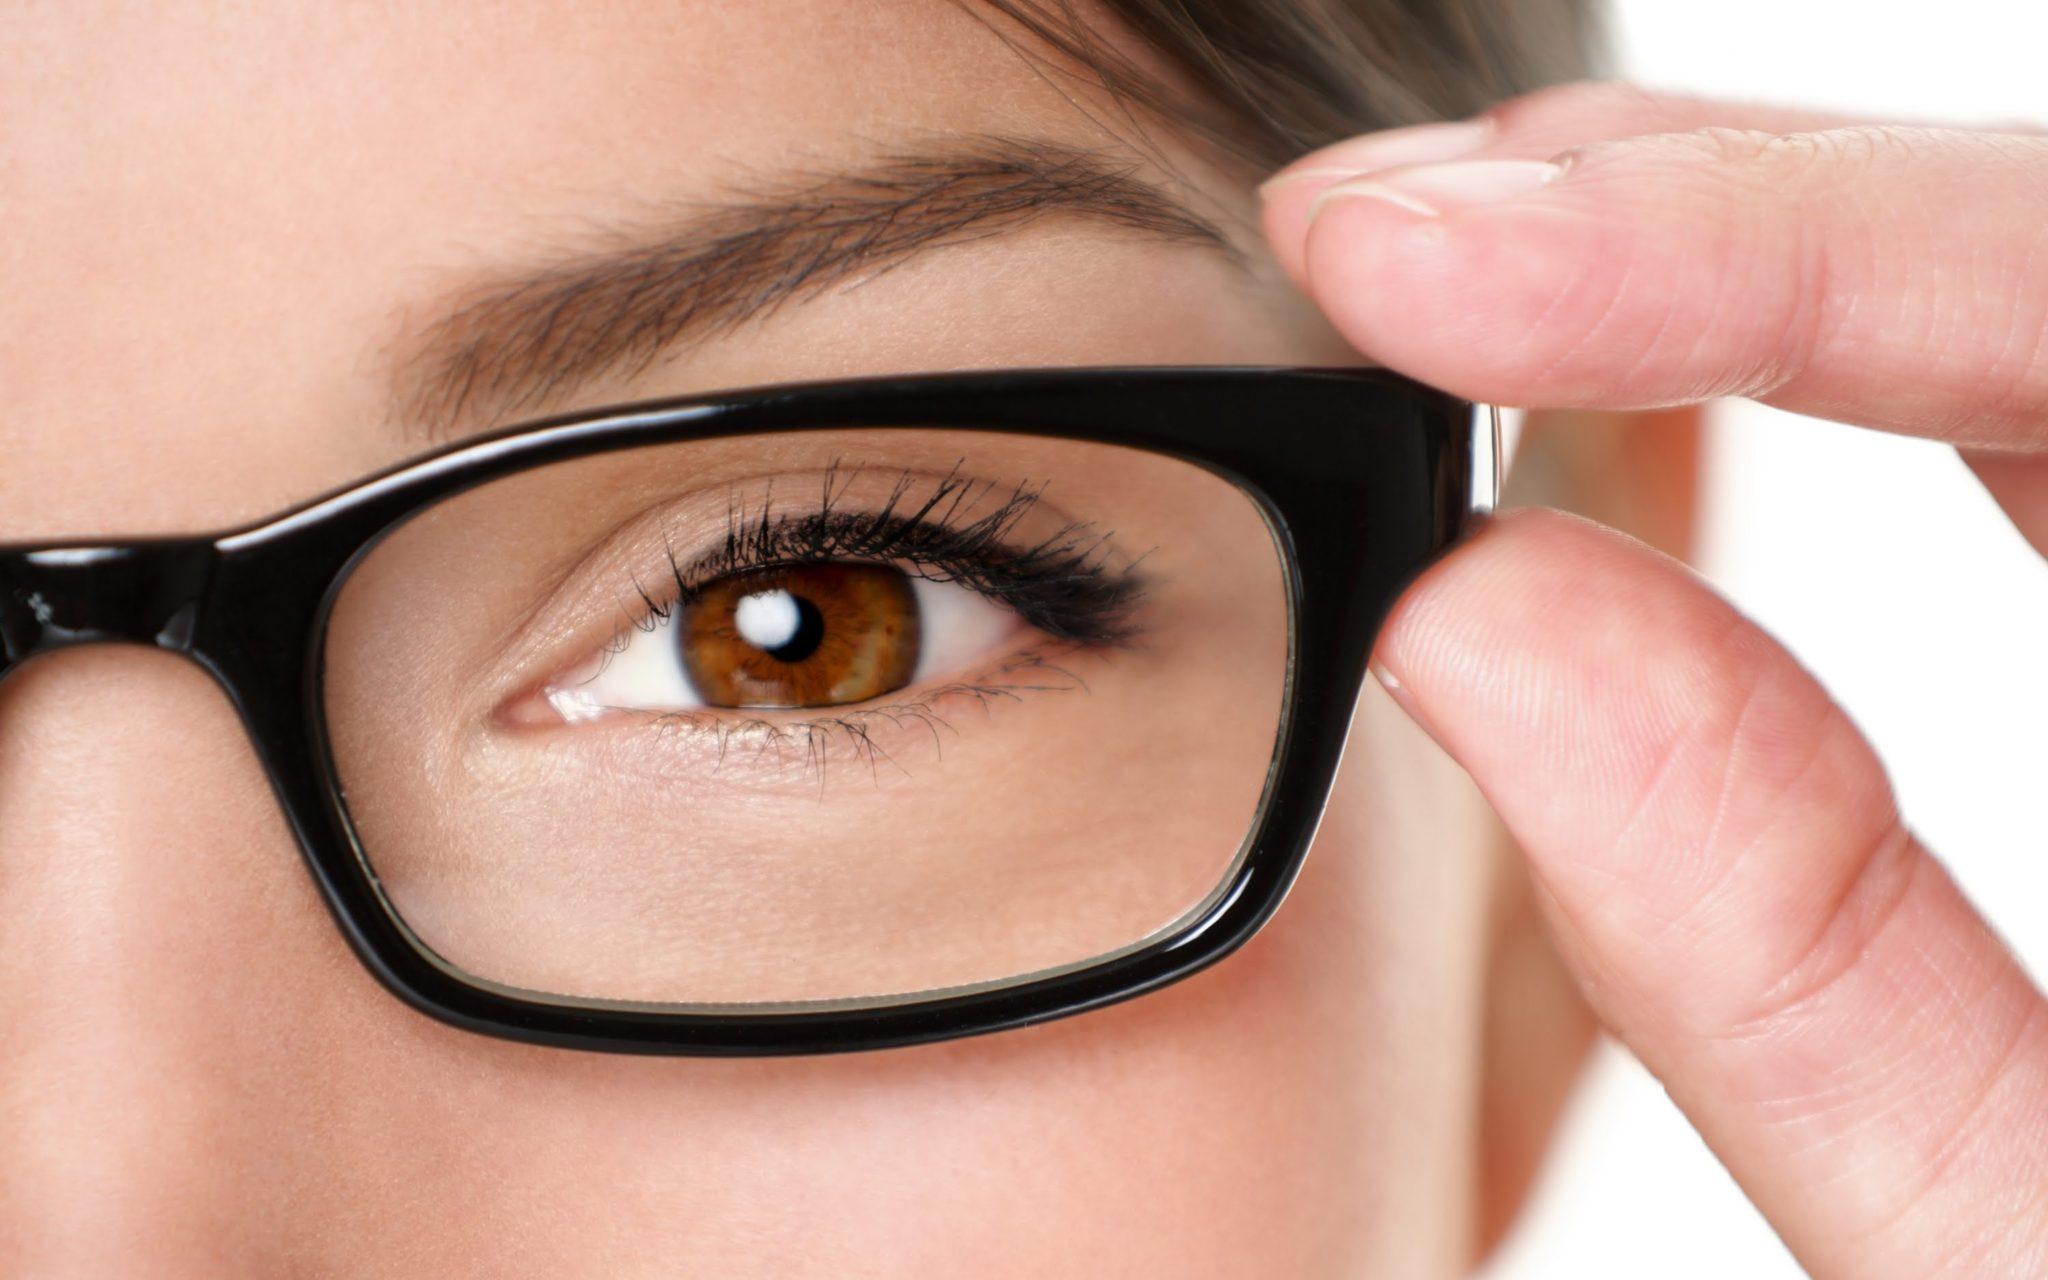 miere pentru a îmbunătăți vederea